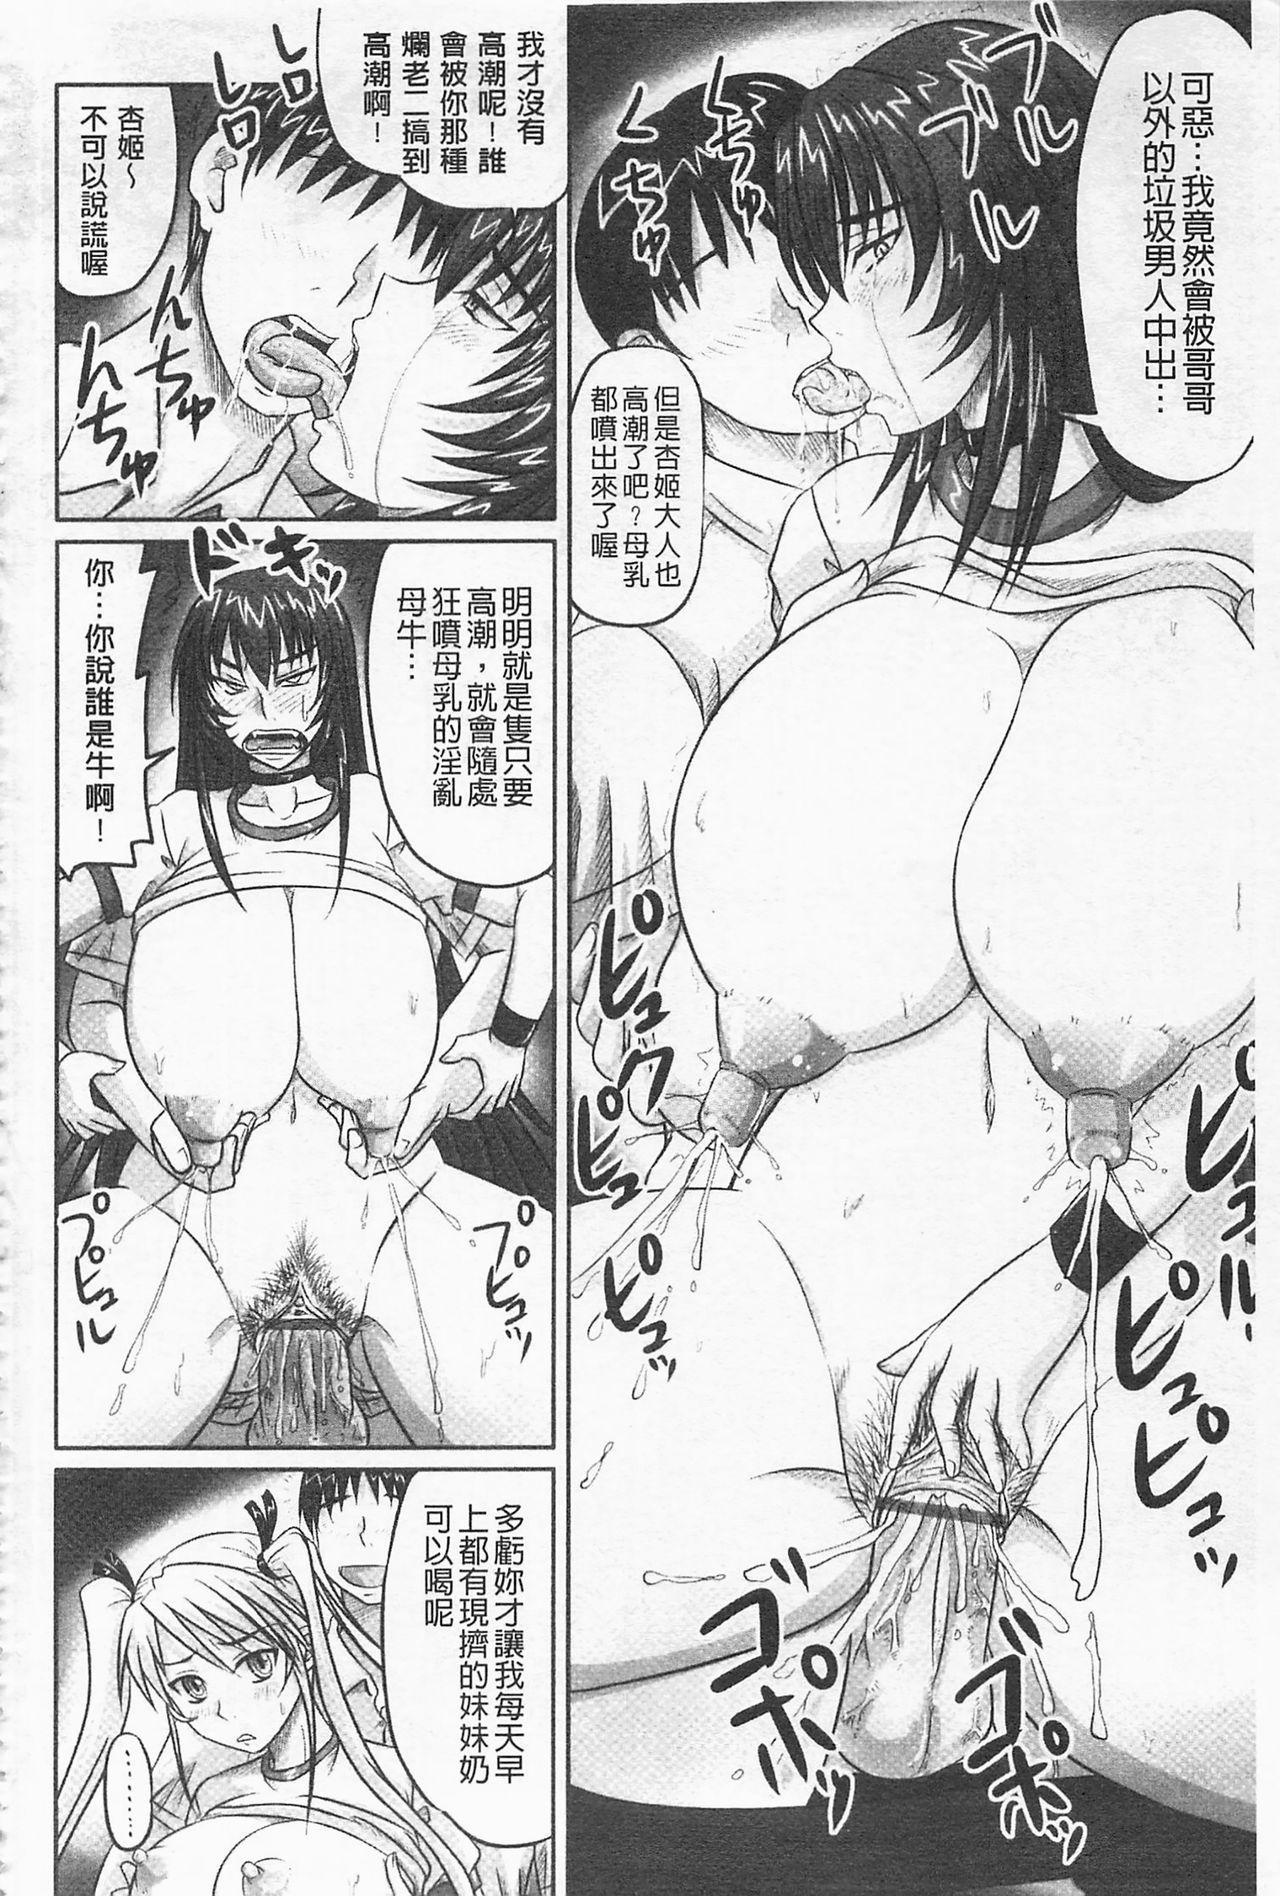 [Nozarashi Satoru] Do S na Hime wa Kegasareru -Inga no Shou- | 超S的公主被玷汙了 ~因果之章~ [Chinese] 98